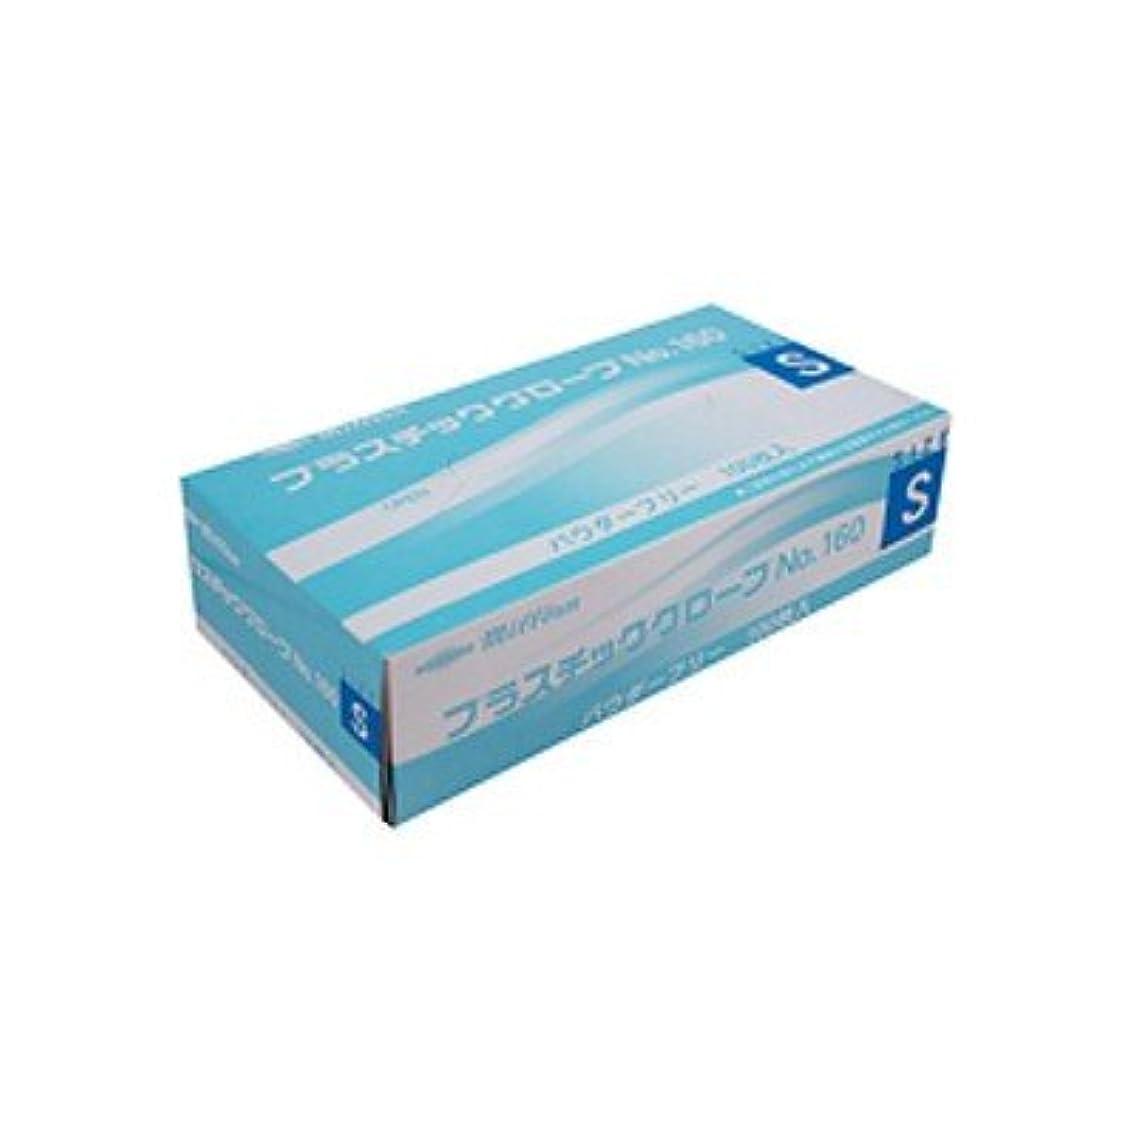 ドア所有者エレガントミリオン プラスチック手袋 粉無 No.160 S 品番:LH-160-S 注文番号:62741613 メーカー:共和